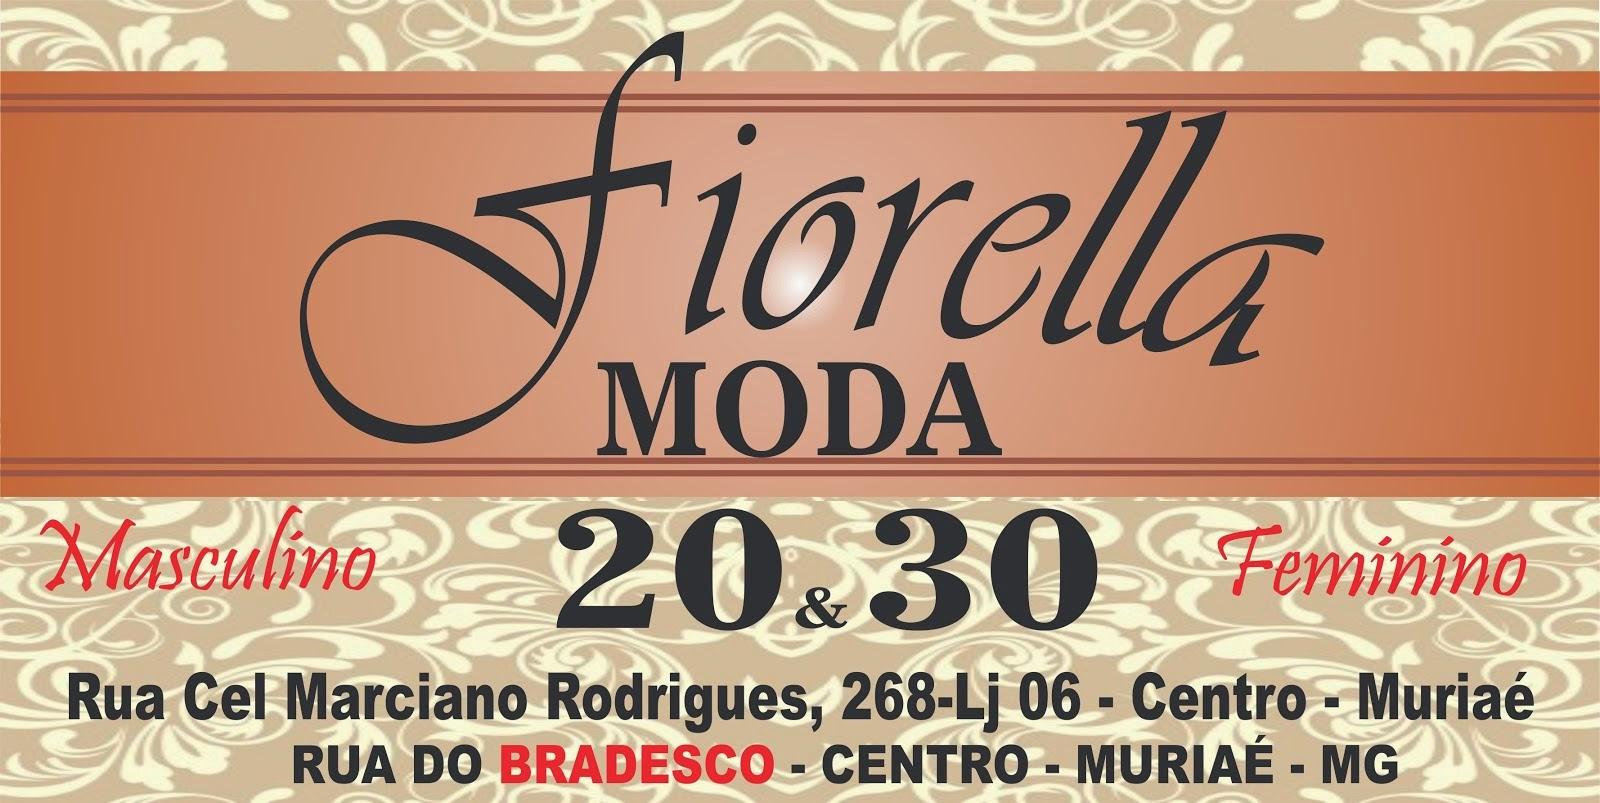 FIORELLA MODA 20&30